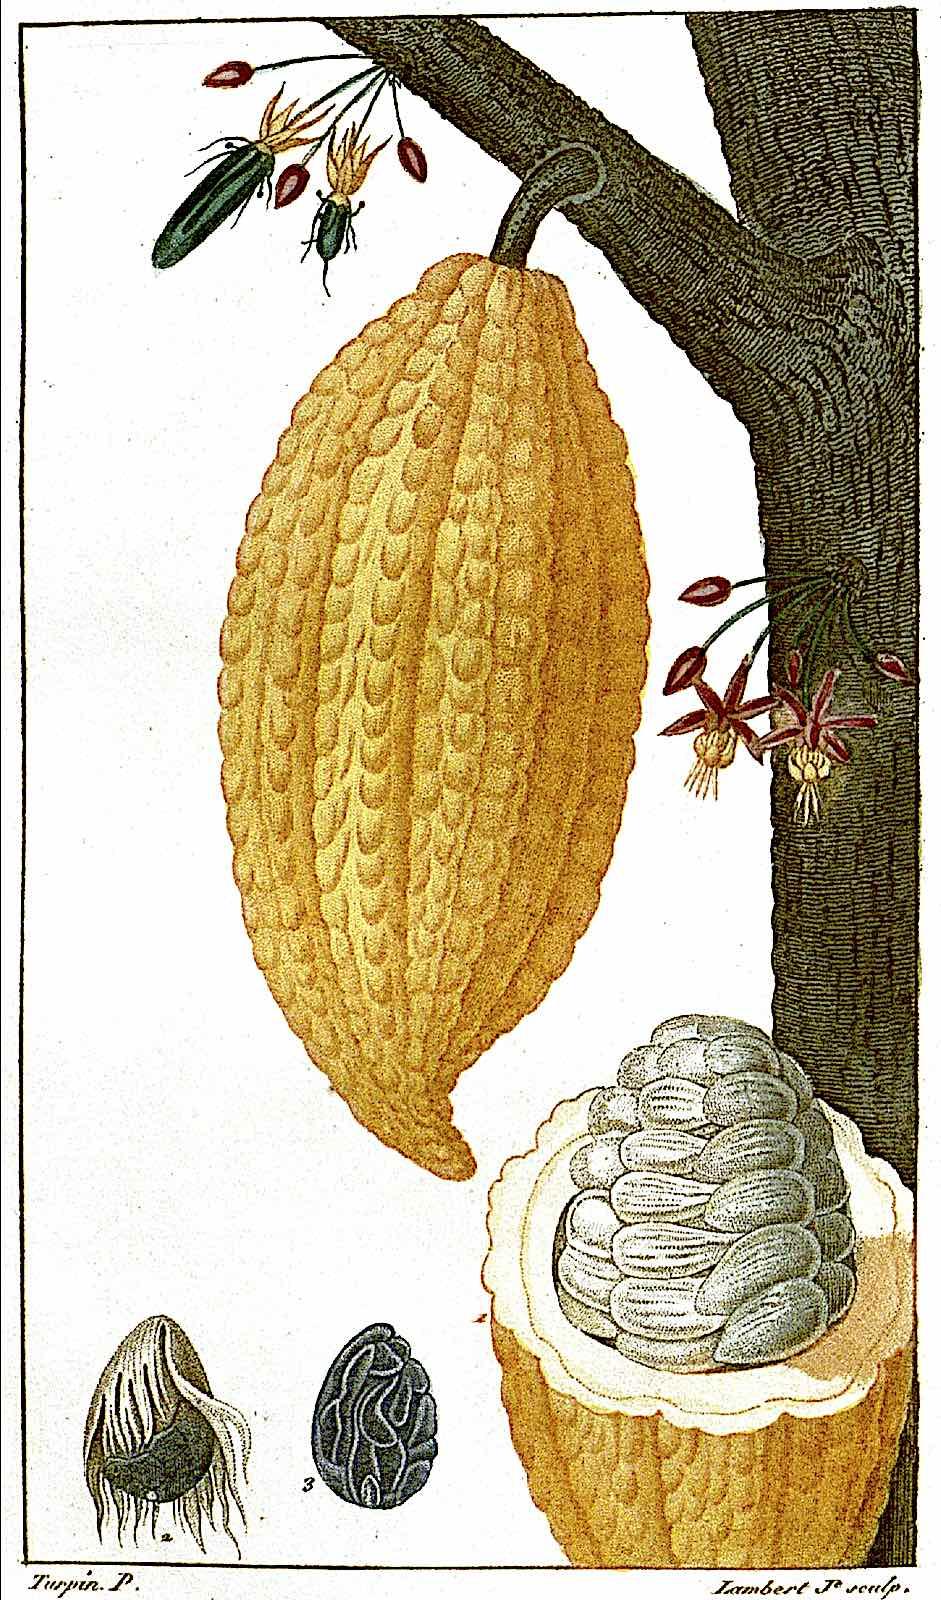 a Pierre Jean François illustration of a cocao plant